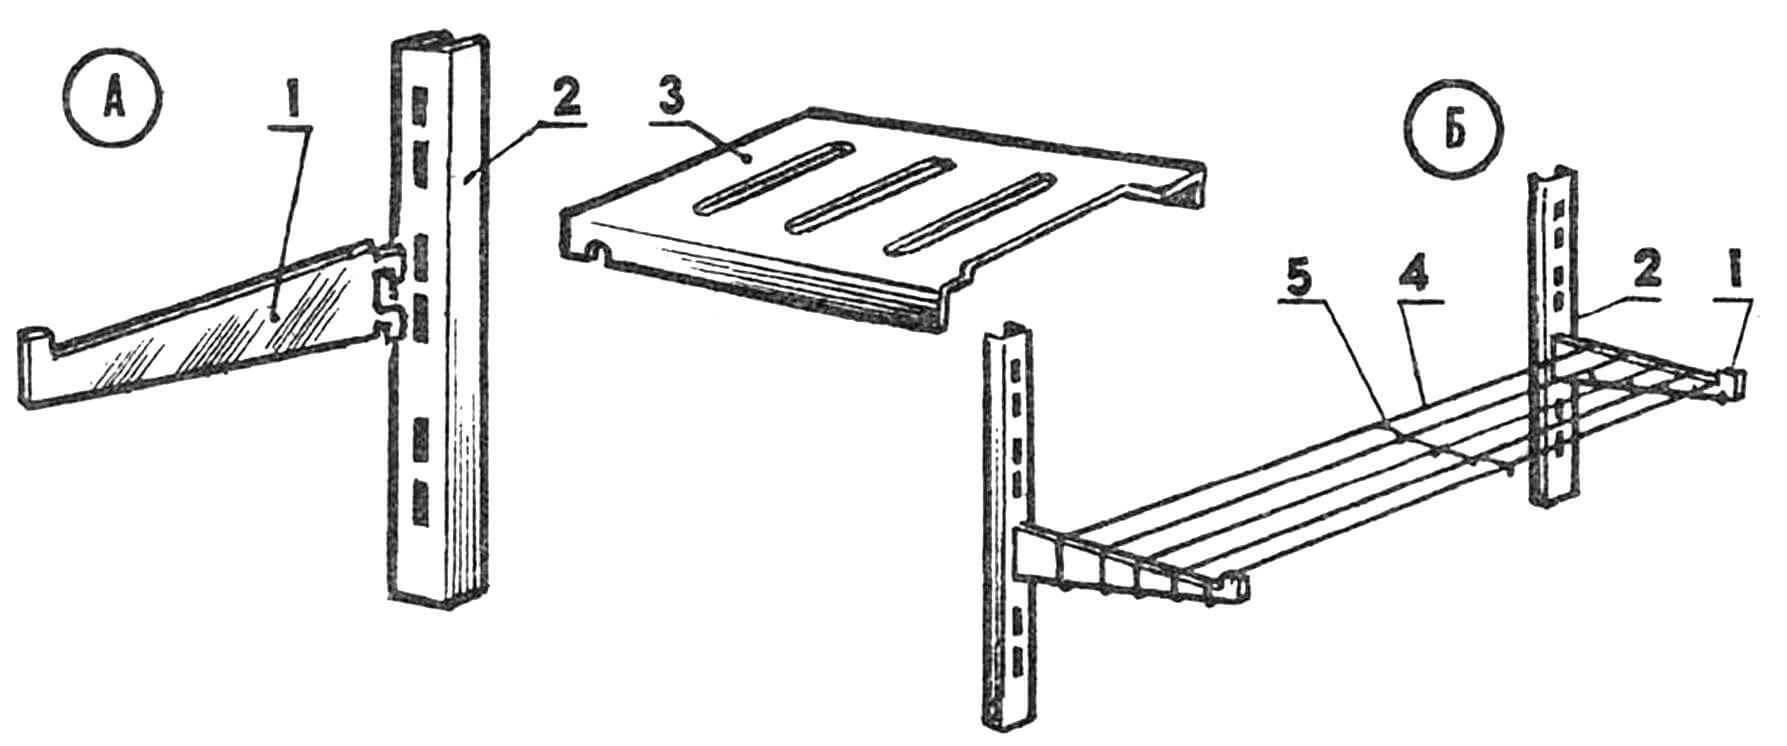 Металлическая полочка (А и Б — варианты): 1, 2 — детали промышленного металлического стеллажа, 3 — панель (из металлического листа), 4 — проволока, 5 — проволочная поперечная обвязка.